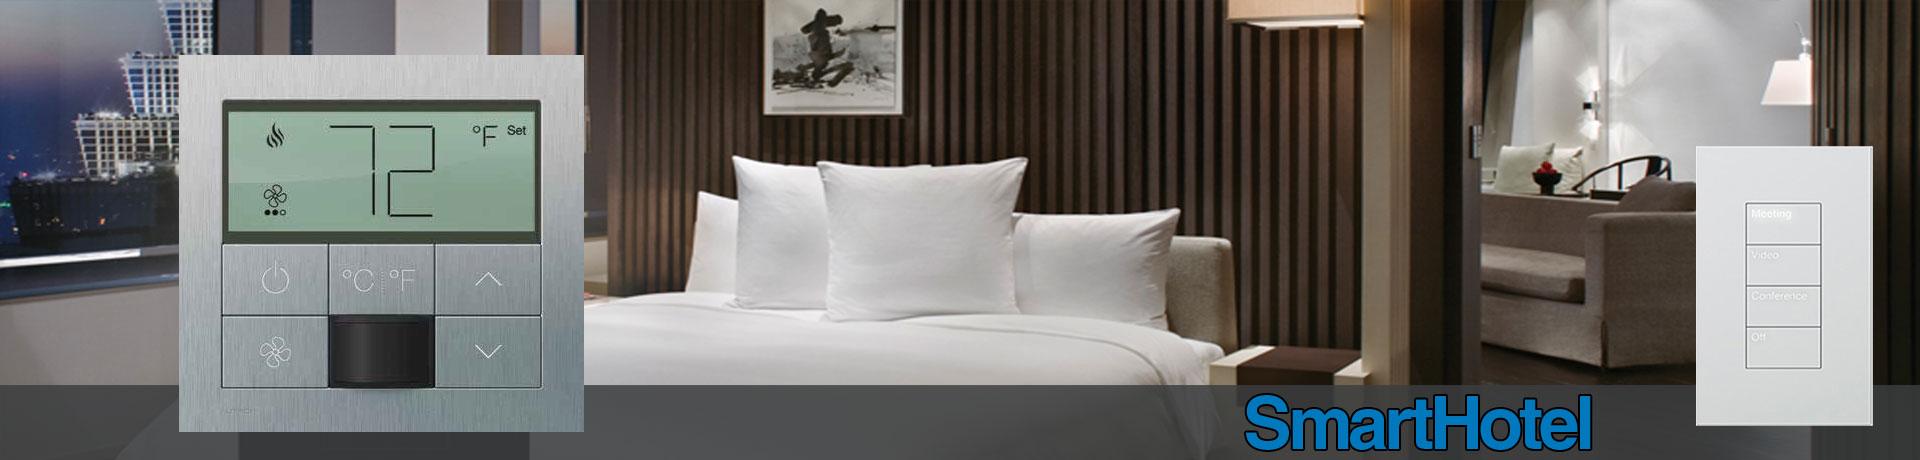 smarthotel-myroom